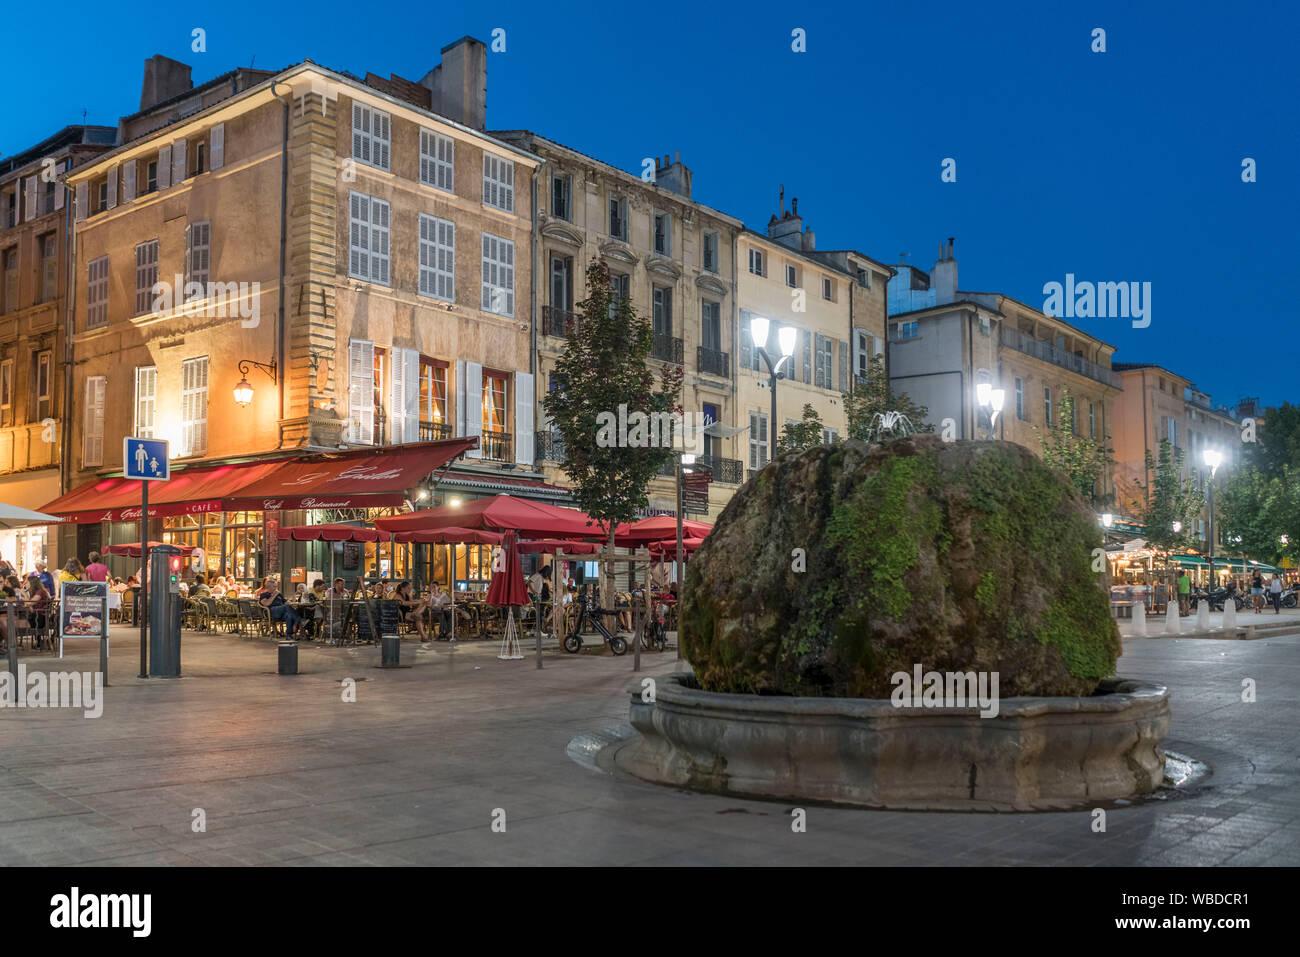 Fuente en Cours Mirabeau, Aix-en-Provence Bouches-du-Rhone, Provence-Alpes-Côte d'Azur, Francia Foto de stock